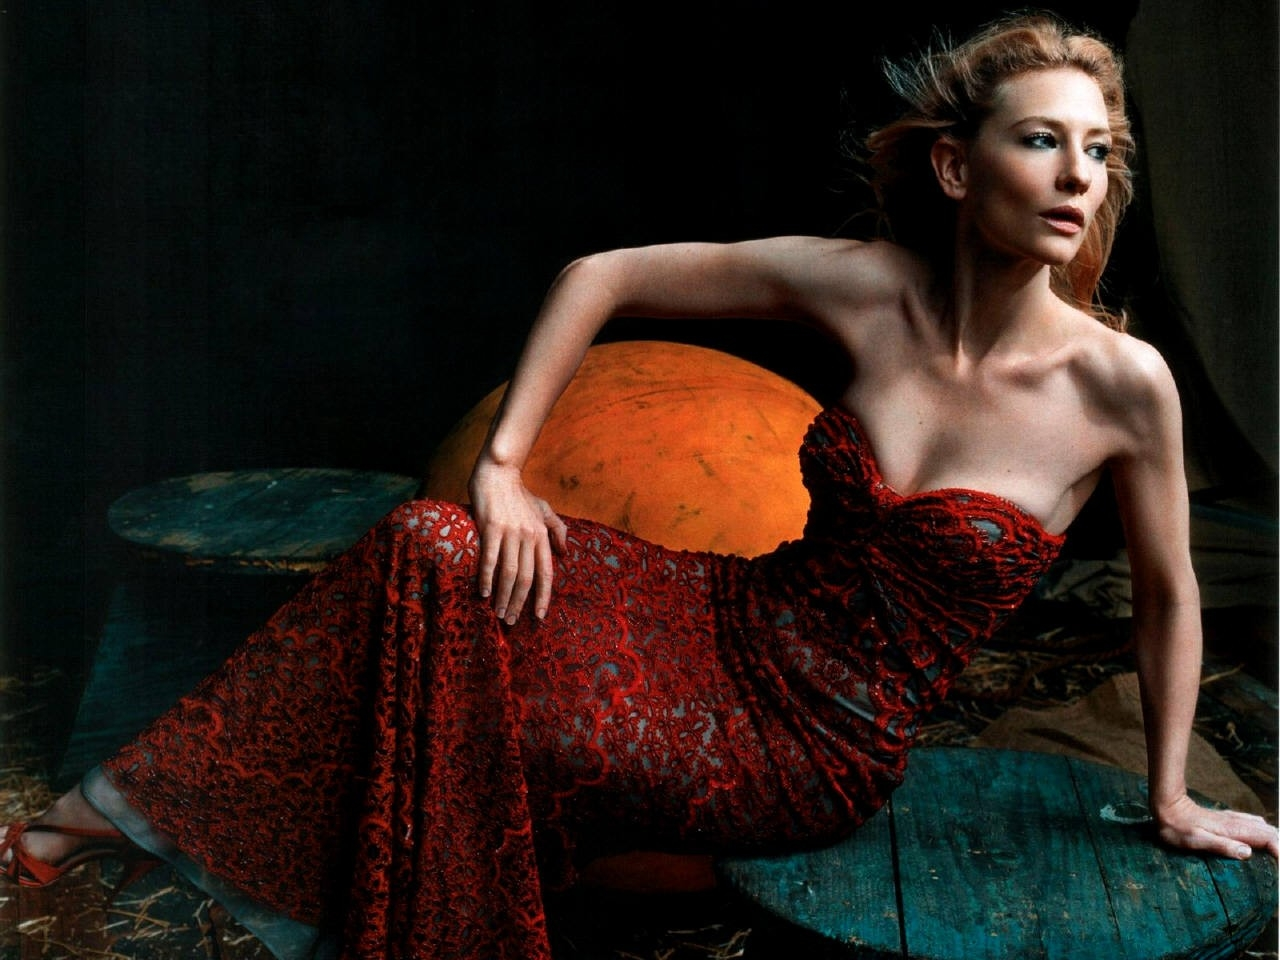 Wallpaper di Cate Blanchett, splendida in abito rosso